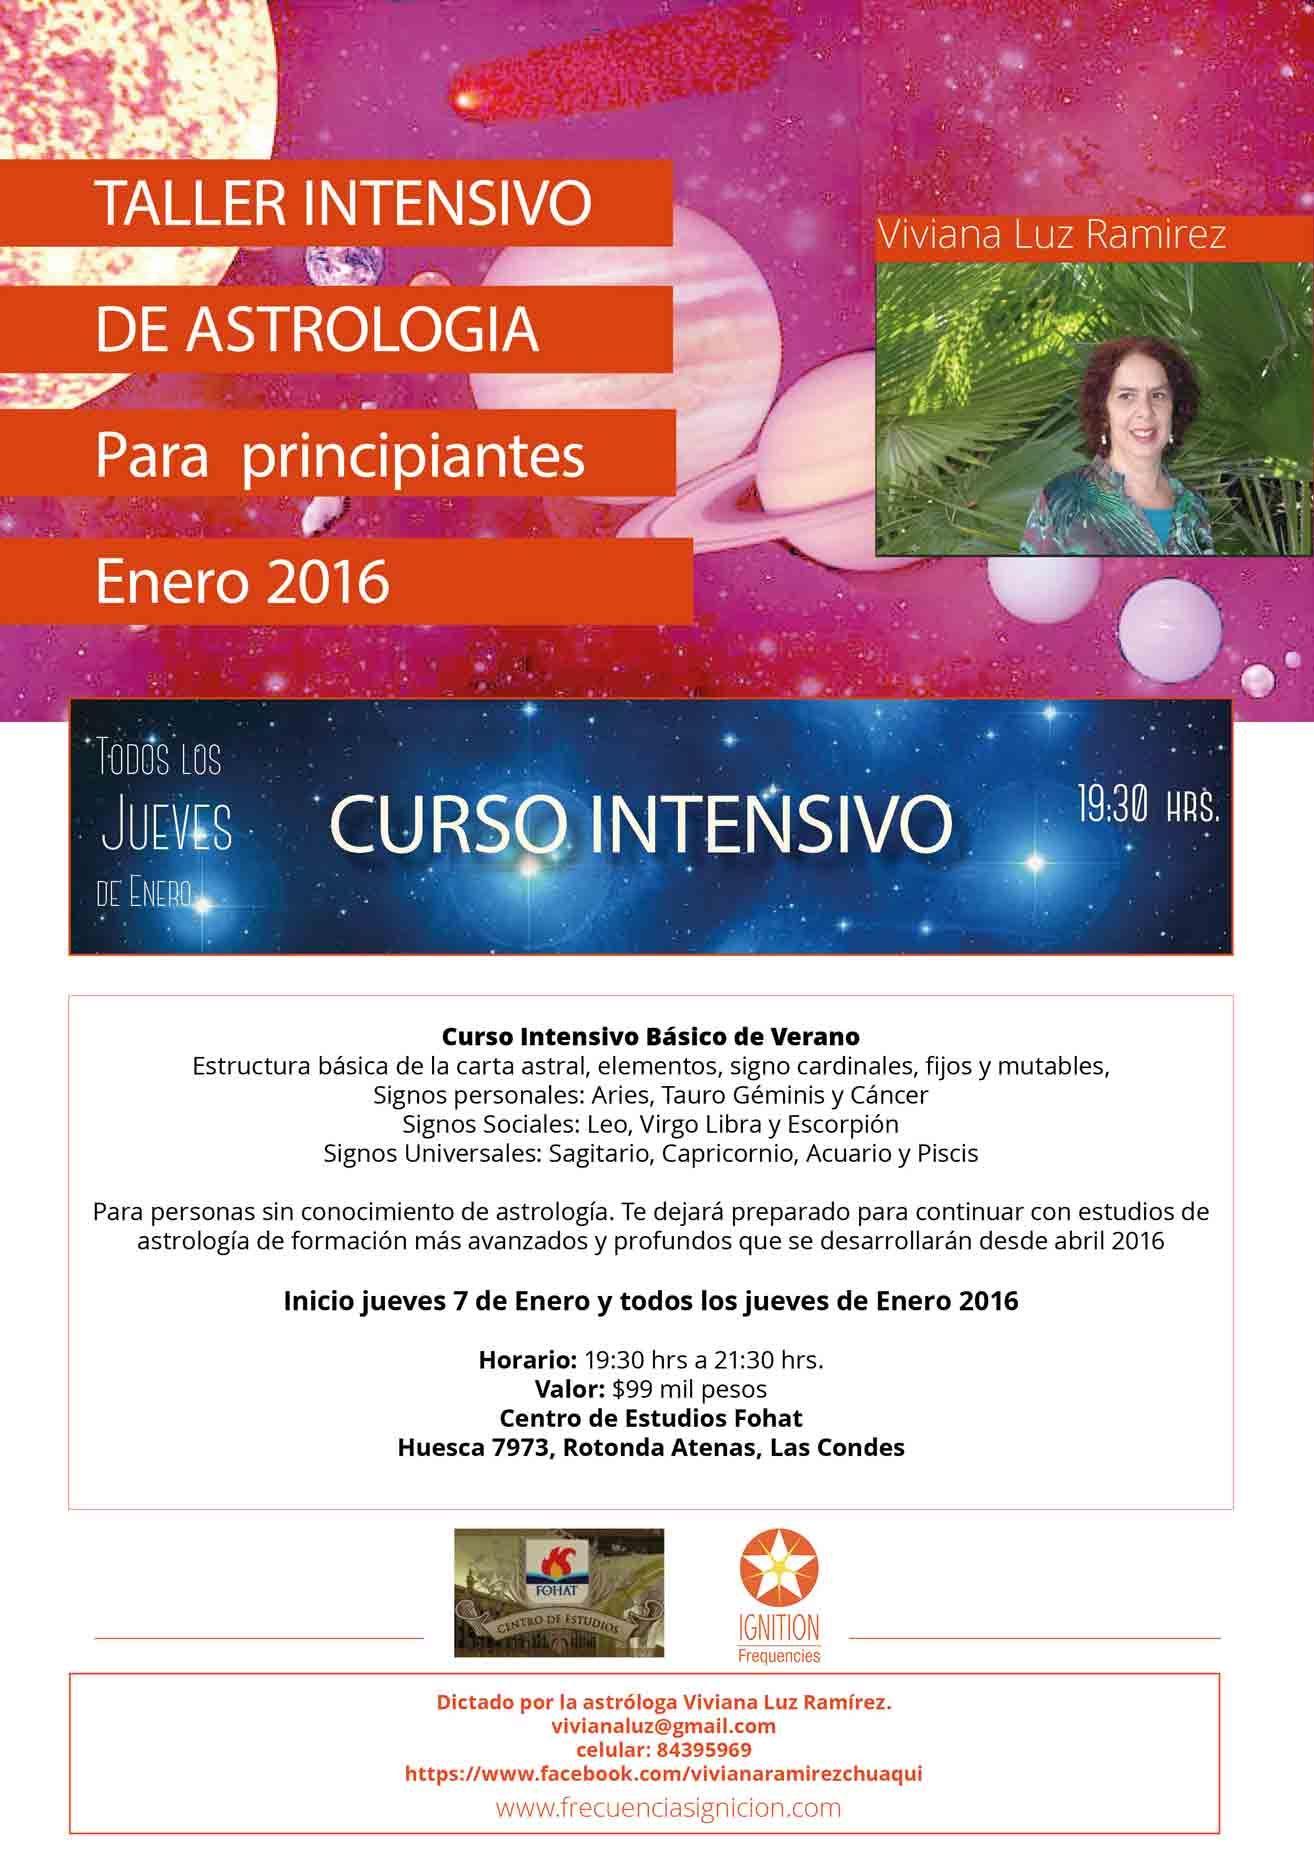 Image on Revista Bienestar y Salud - La Revista de la Calidad de Vida  http://www.revistabienestarysalud.cl/wp-content/uploads/2015/11/TALLERASTROLOGIA_baja.jpg